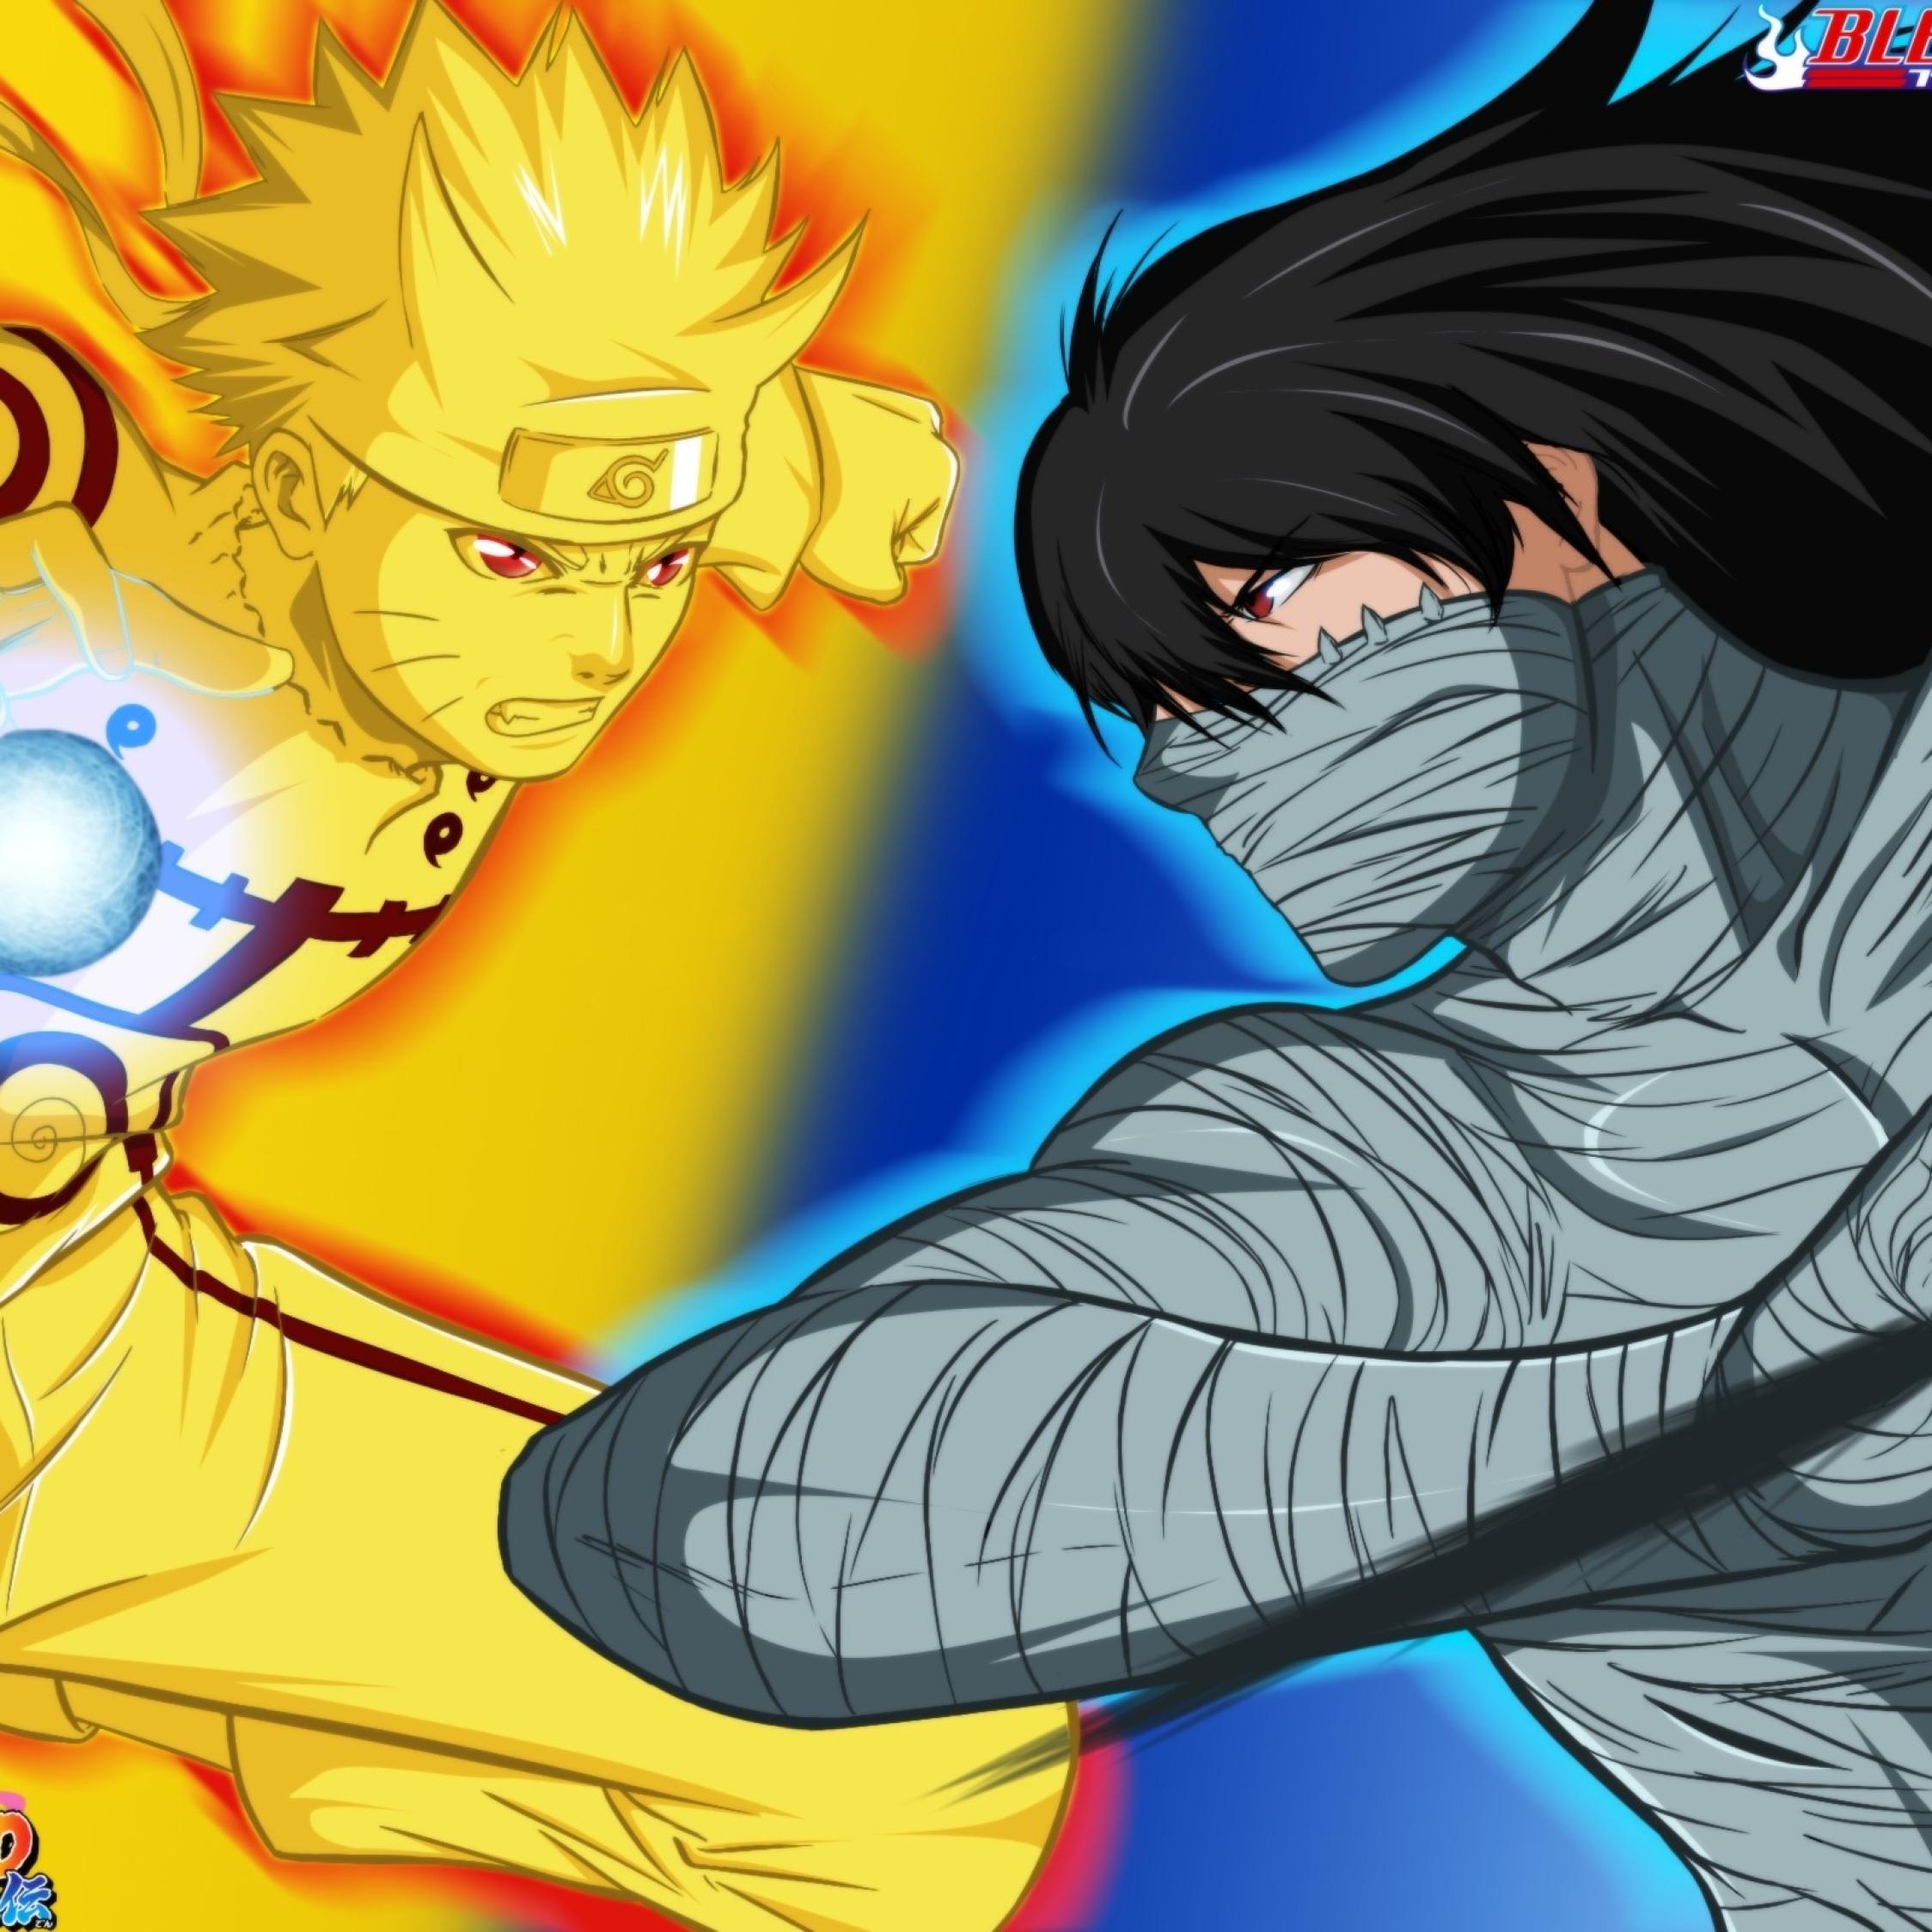 Top Wallpaper Naruto Ipad Air - bleach-naruto-naruto-vs-ichigo_6868_2248x2248  Picture_539760.jpg